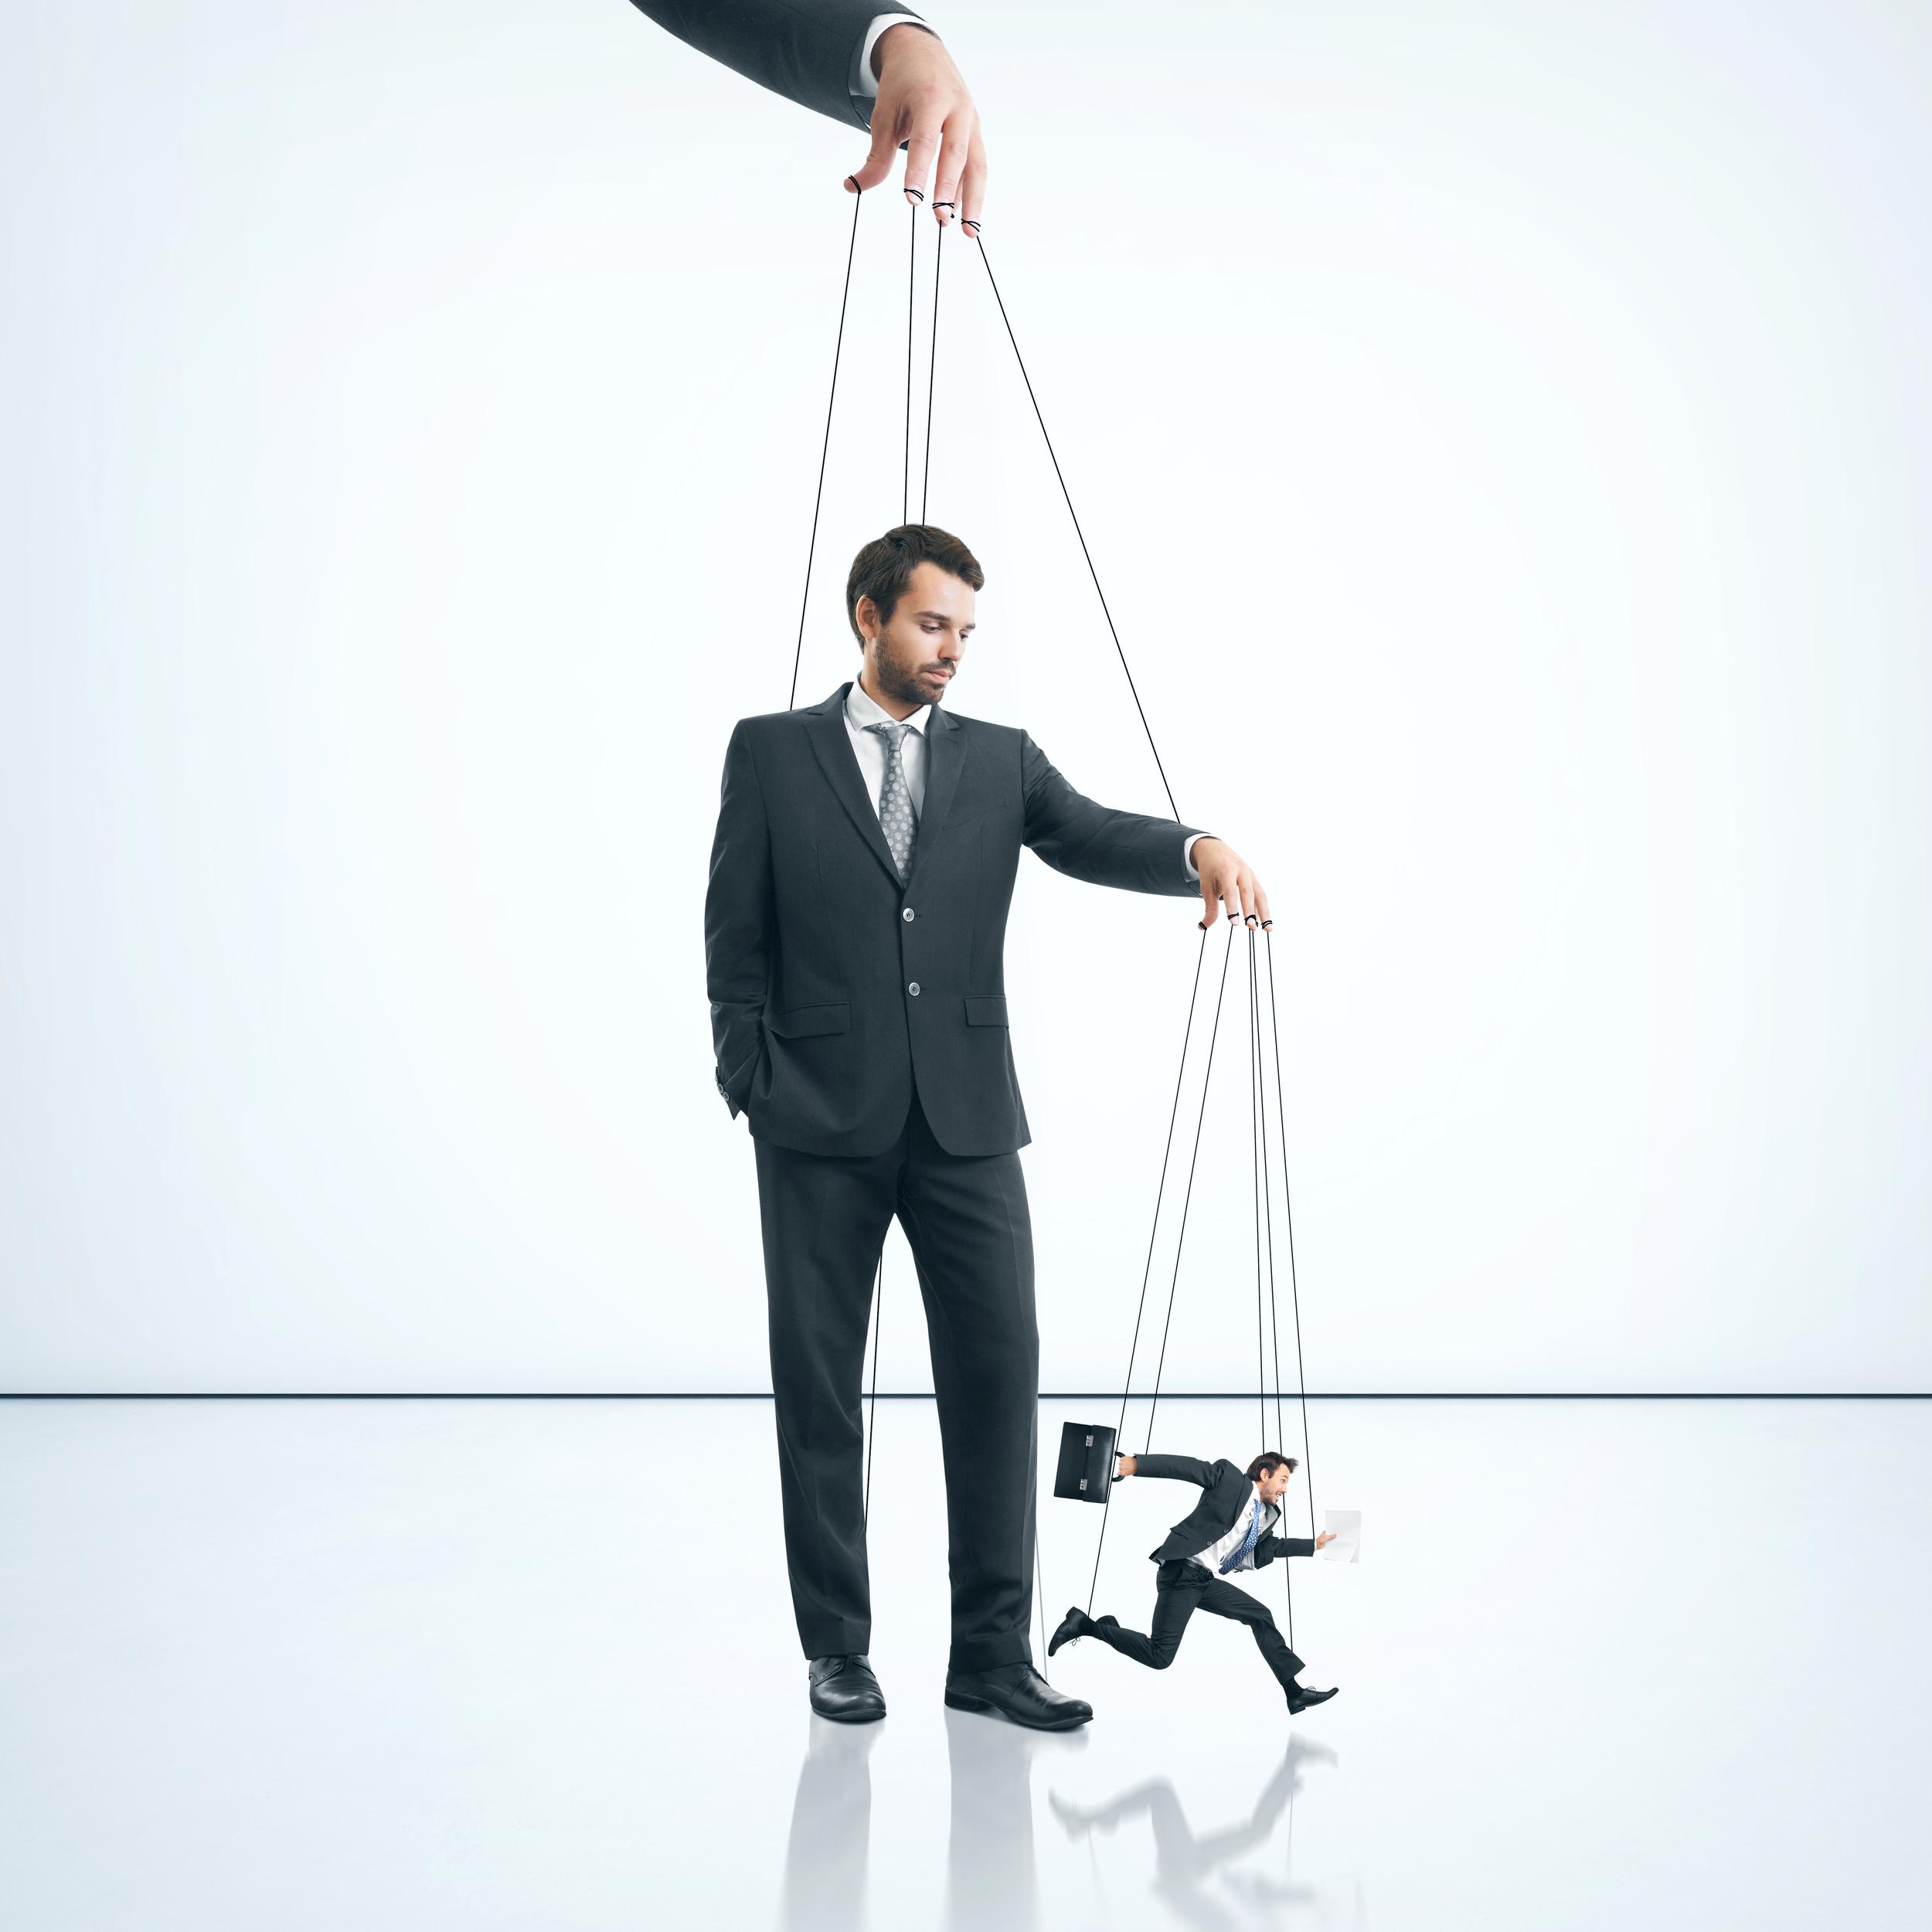 IDEES POUR DECODER ET REAGIR AUX MANIPULATIONS COMMERCIALES